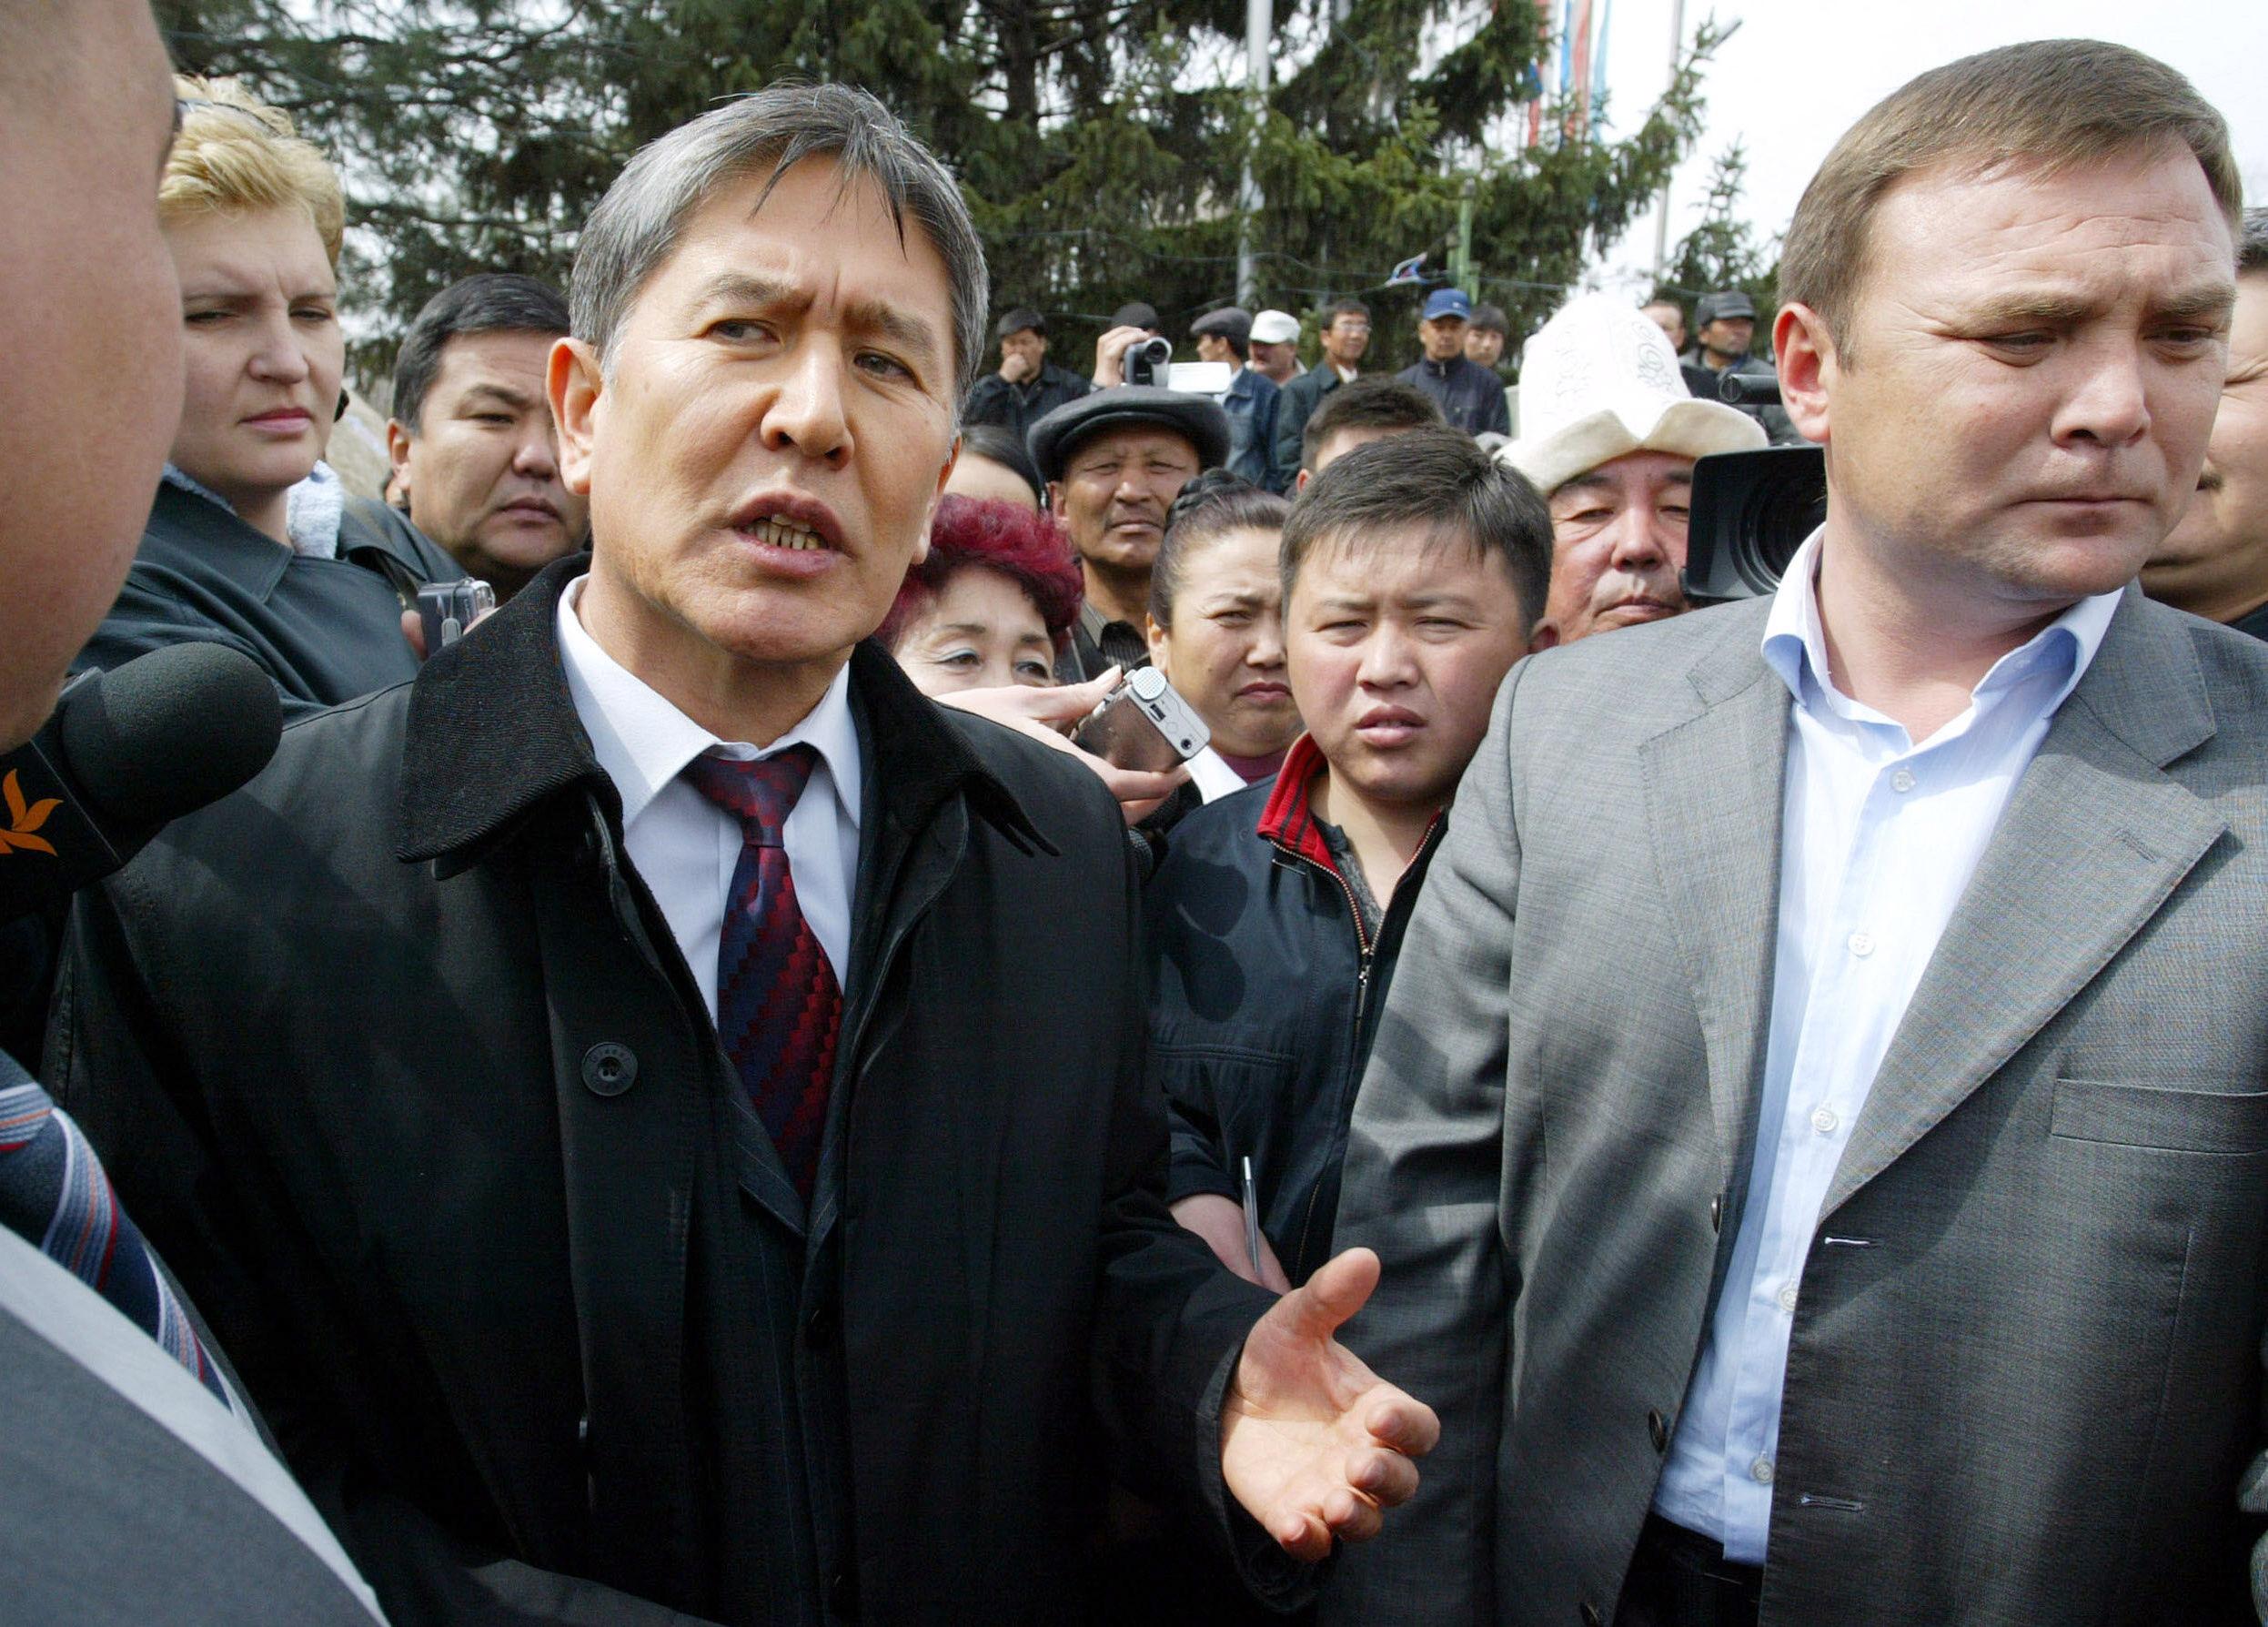 Премьер-министр Кыргызстана Алмазбек Атамбаев беседует со сторонниками оппозиции перед зданием парламента в центре Бишкека во время голодовки, требующей отставки президента Курманбека Бакиева. , 6 апреля 2007 года